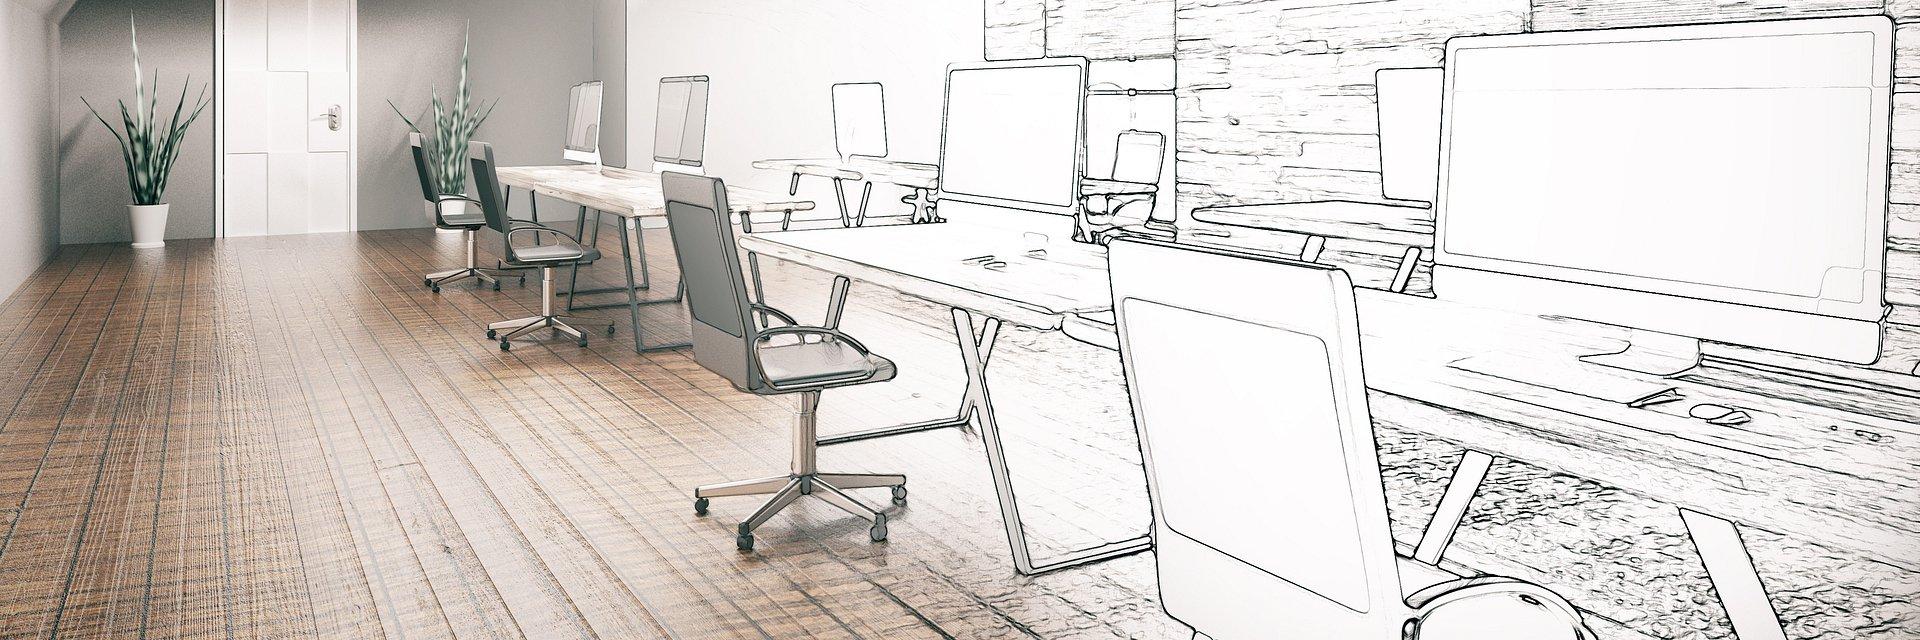 Biurko zamiast biura –196 tys. mkw. powierzchni elastycznej to przeszło 25 tys. biurek, a nowy zespół CBRE pomoże je wykorzystać